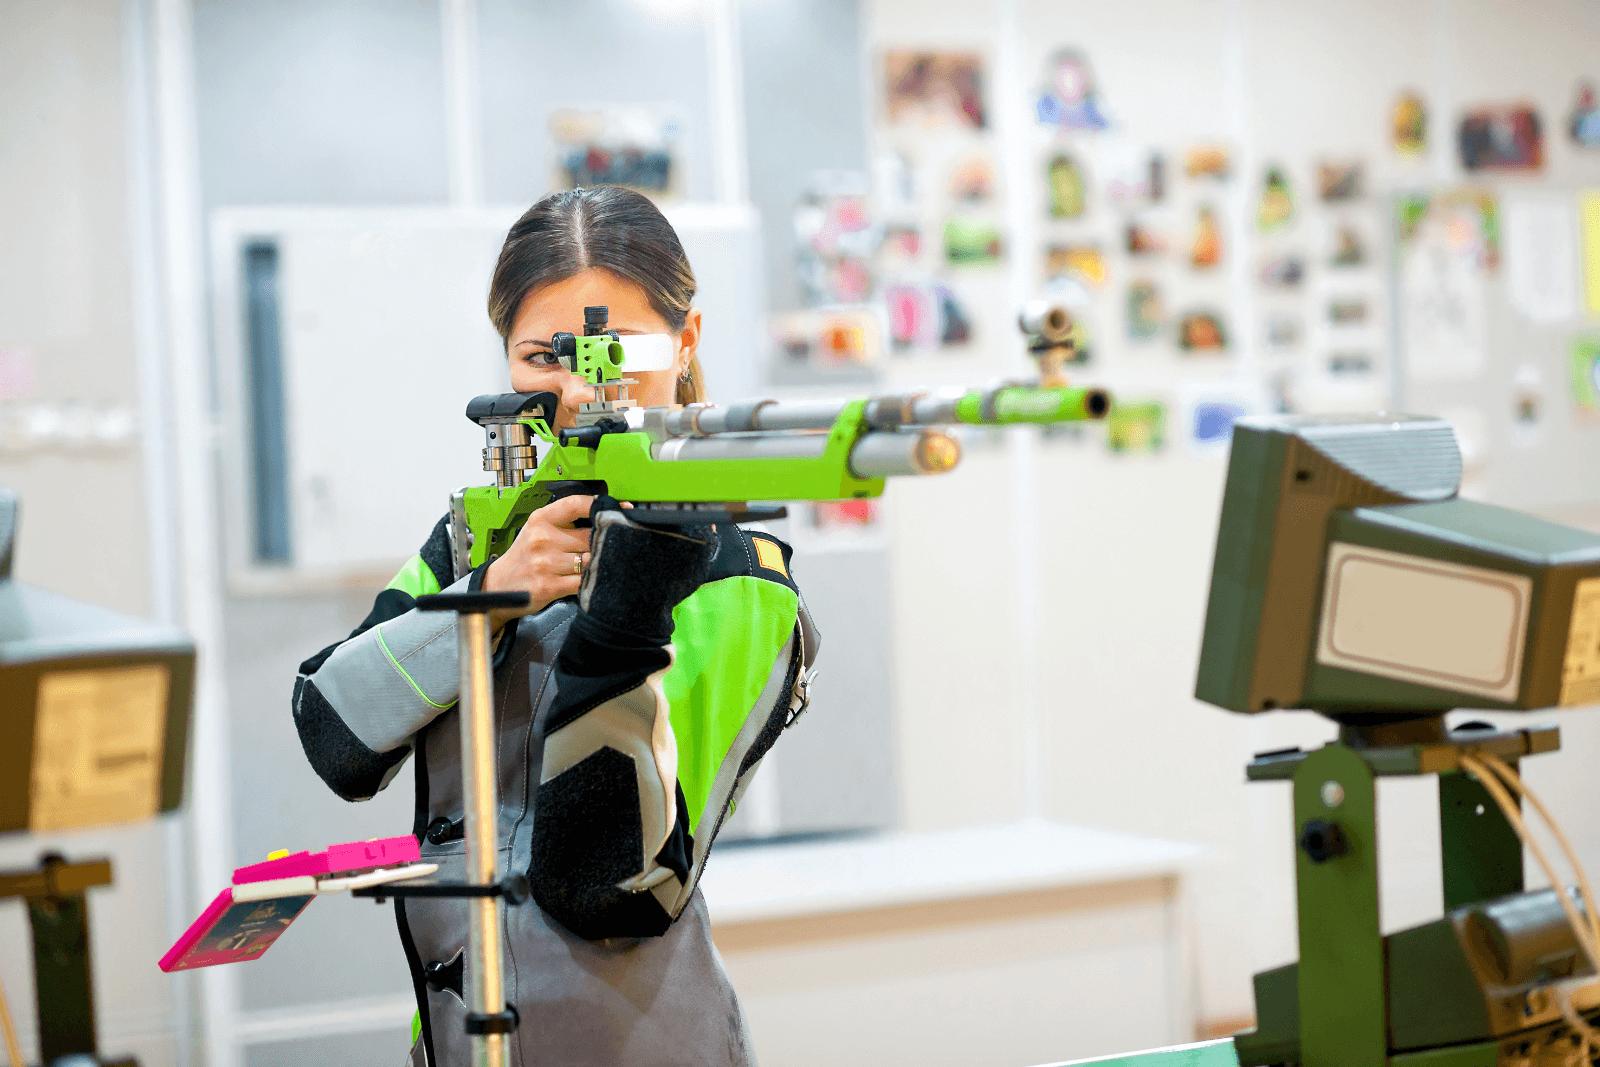 Das Bild zeigt eine freistehenden Schützin an einem Schießstand in einer Schießhalle. Die Schützin hat ein grün-graues Gewehr angelegt und zielt. Sie trägt eine grau-schwarze Jacke mit grünen Verstärkungen an den Armen. Im Hintergrund ist verschwommen eine Wand der Schießhalle zu erkennen.